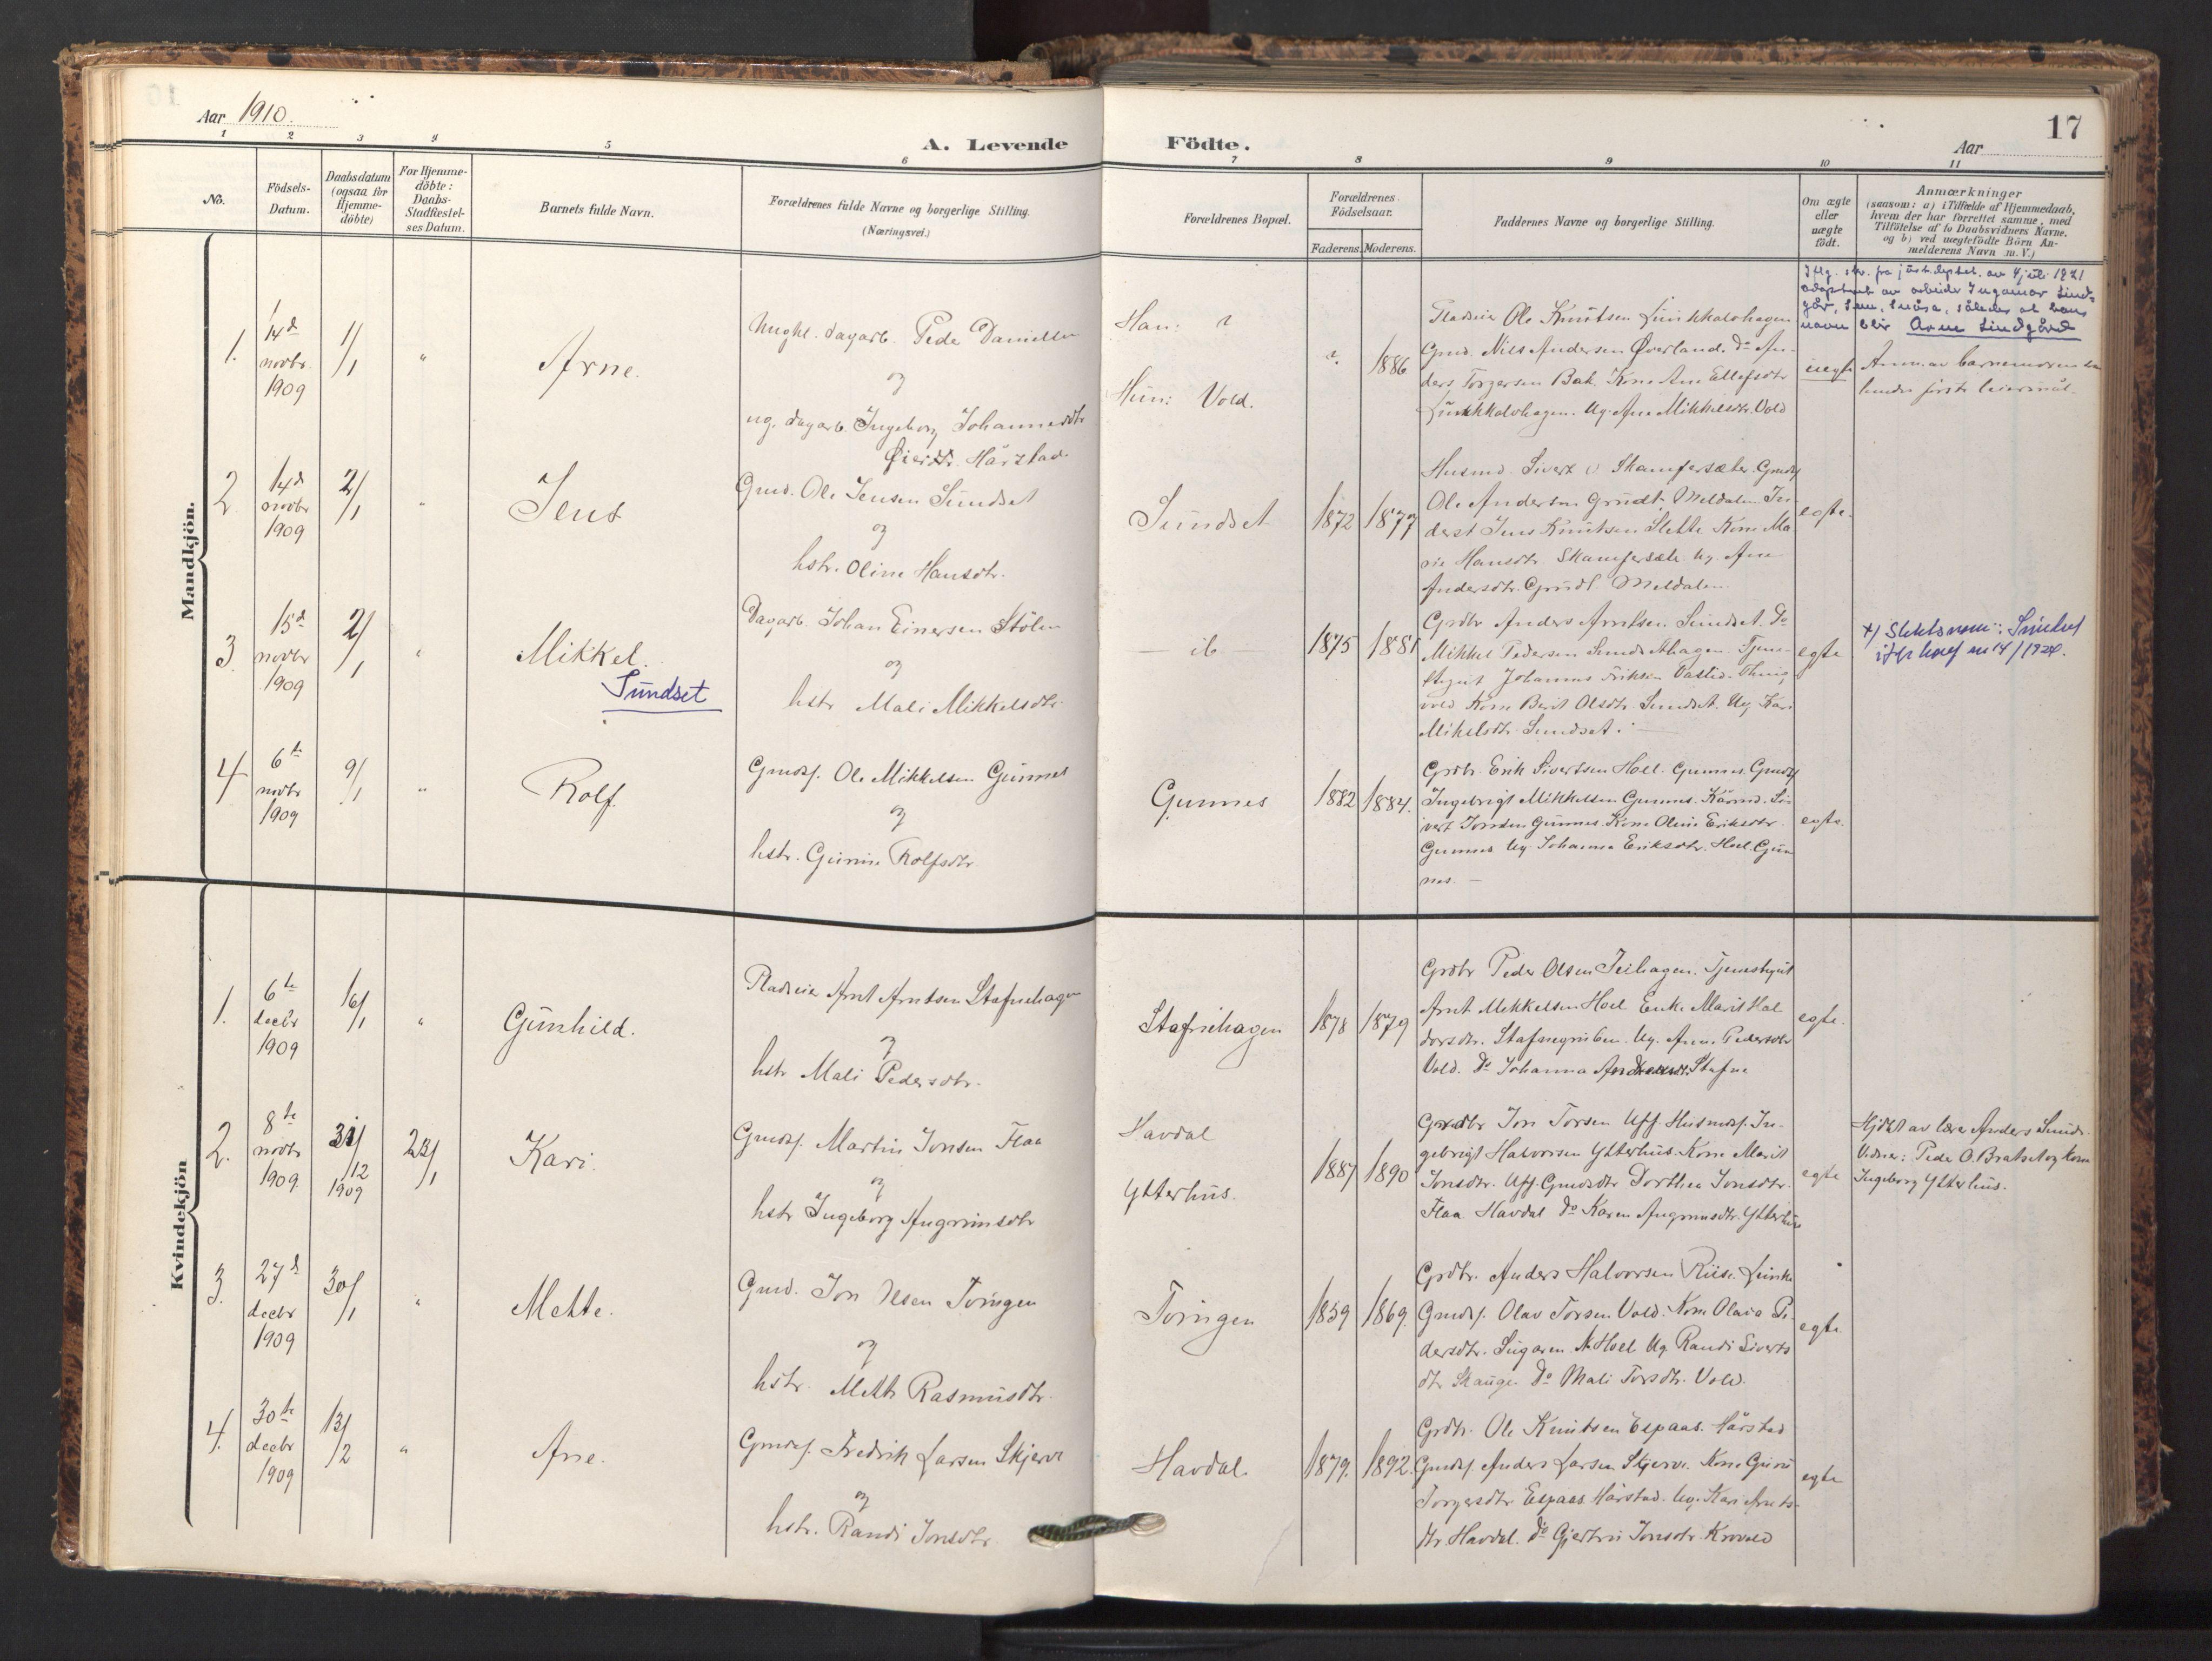 SAT, Ministerialprotokoller, klokkerbøker og fødselsregistre - Sør-Trøndelag, 674/L0873: Ministerialbok nr. 674A05, 1908-1923, s. 17